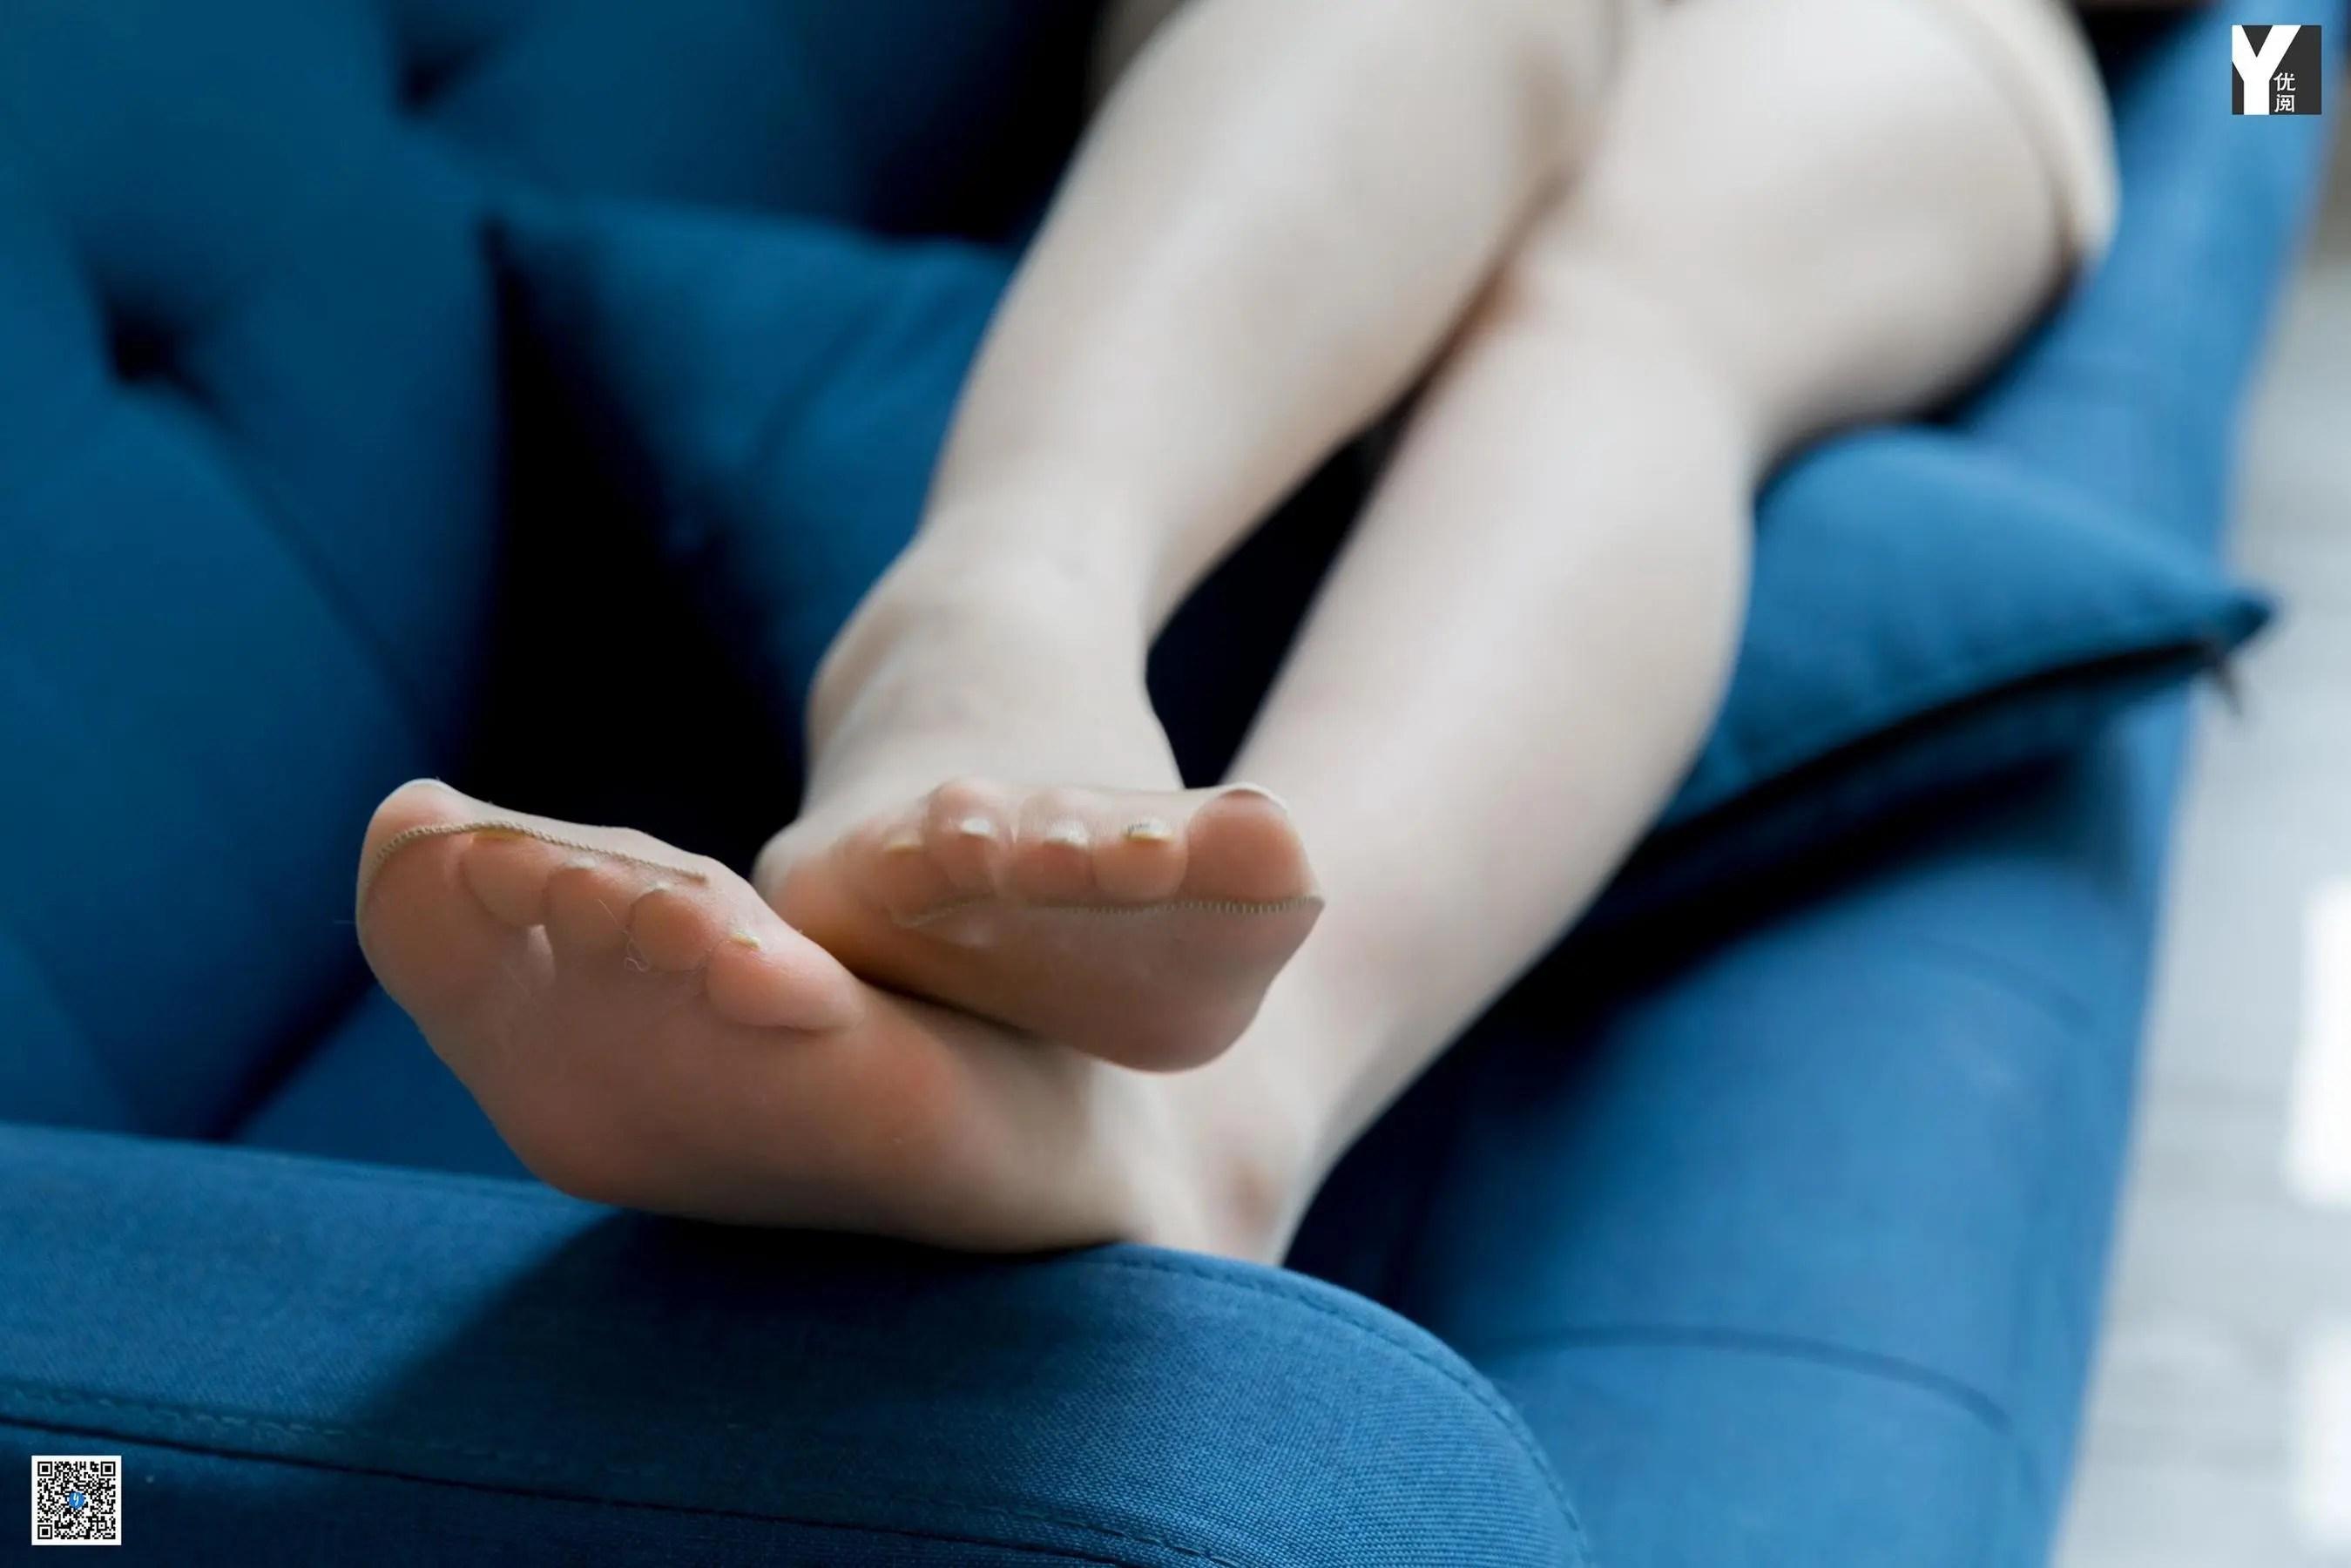 [IESS] 丝享家 764 喵姐《来一杯mojito》 丝袜美腿写真[90P]插图(3)